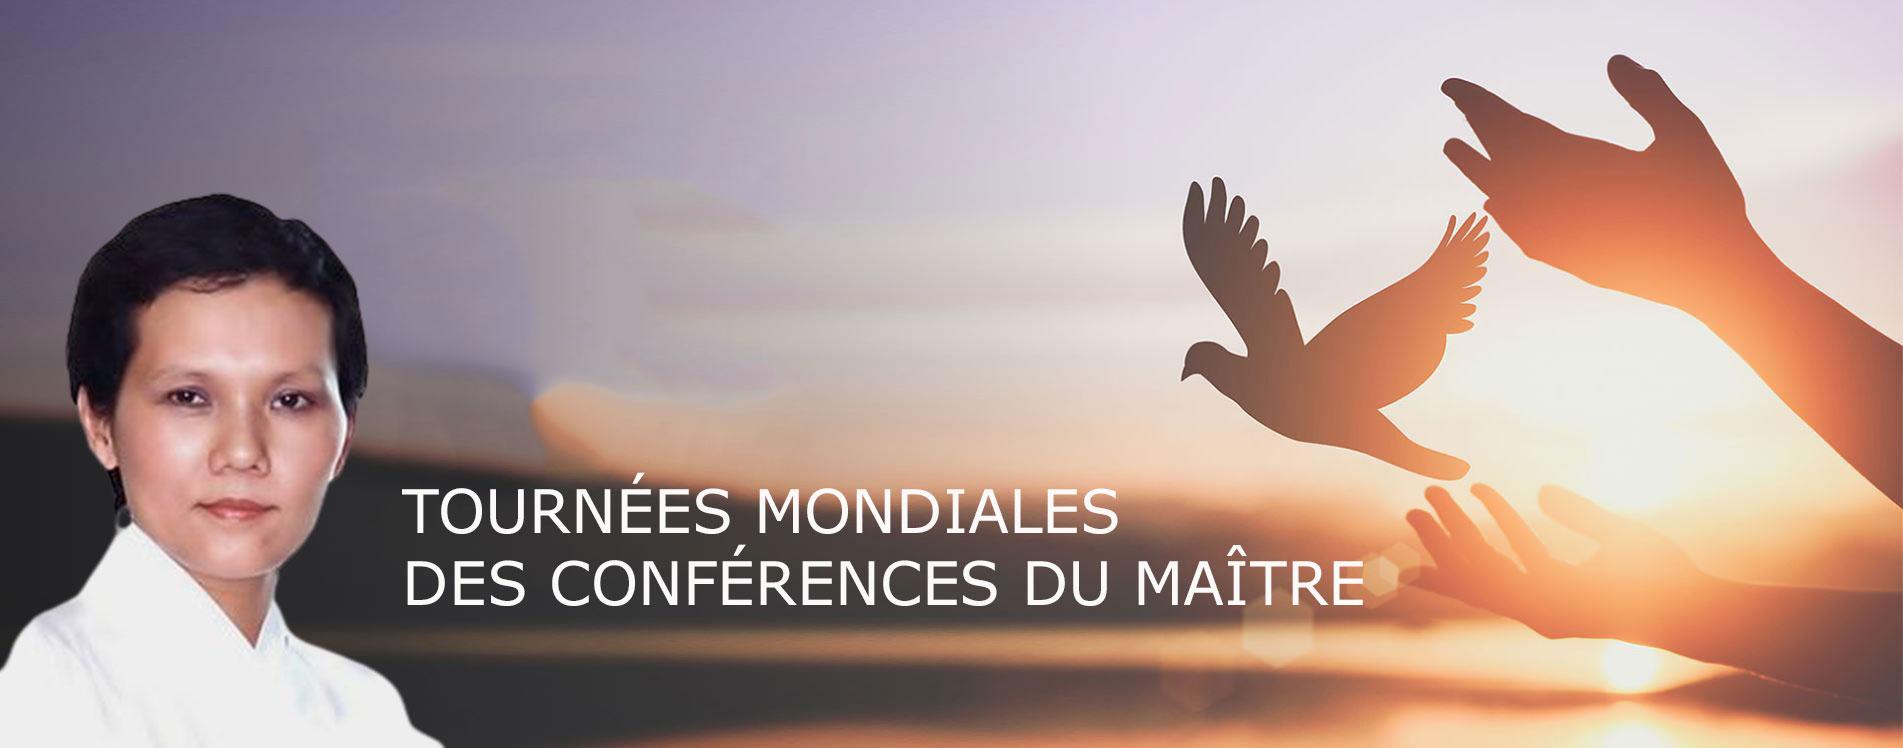 Conférences de Maître - Tournée mondiale